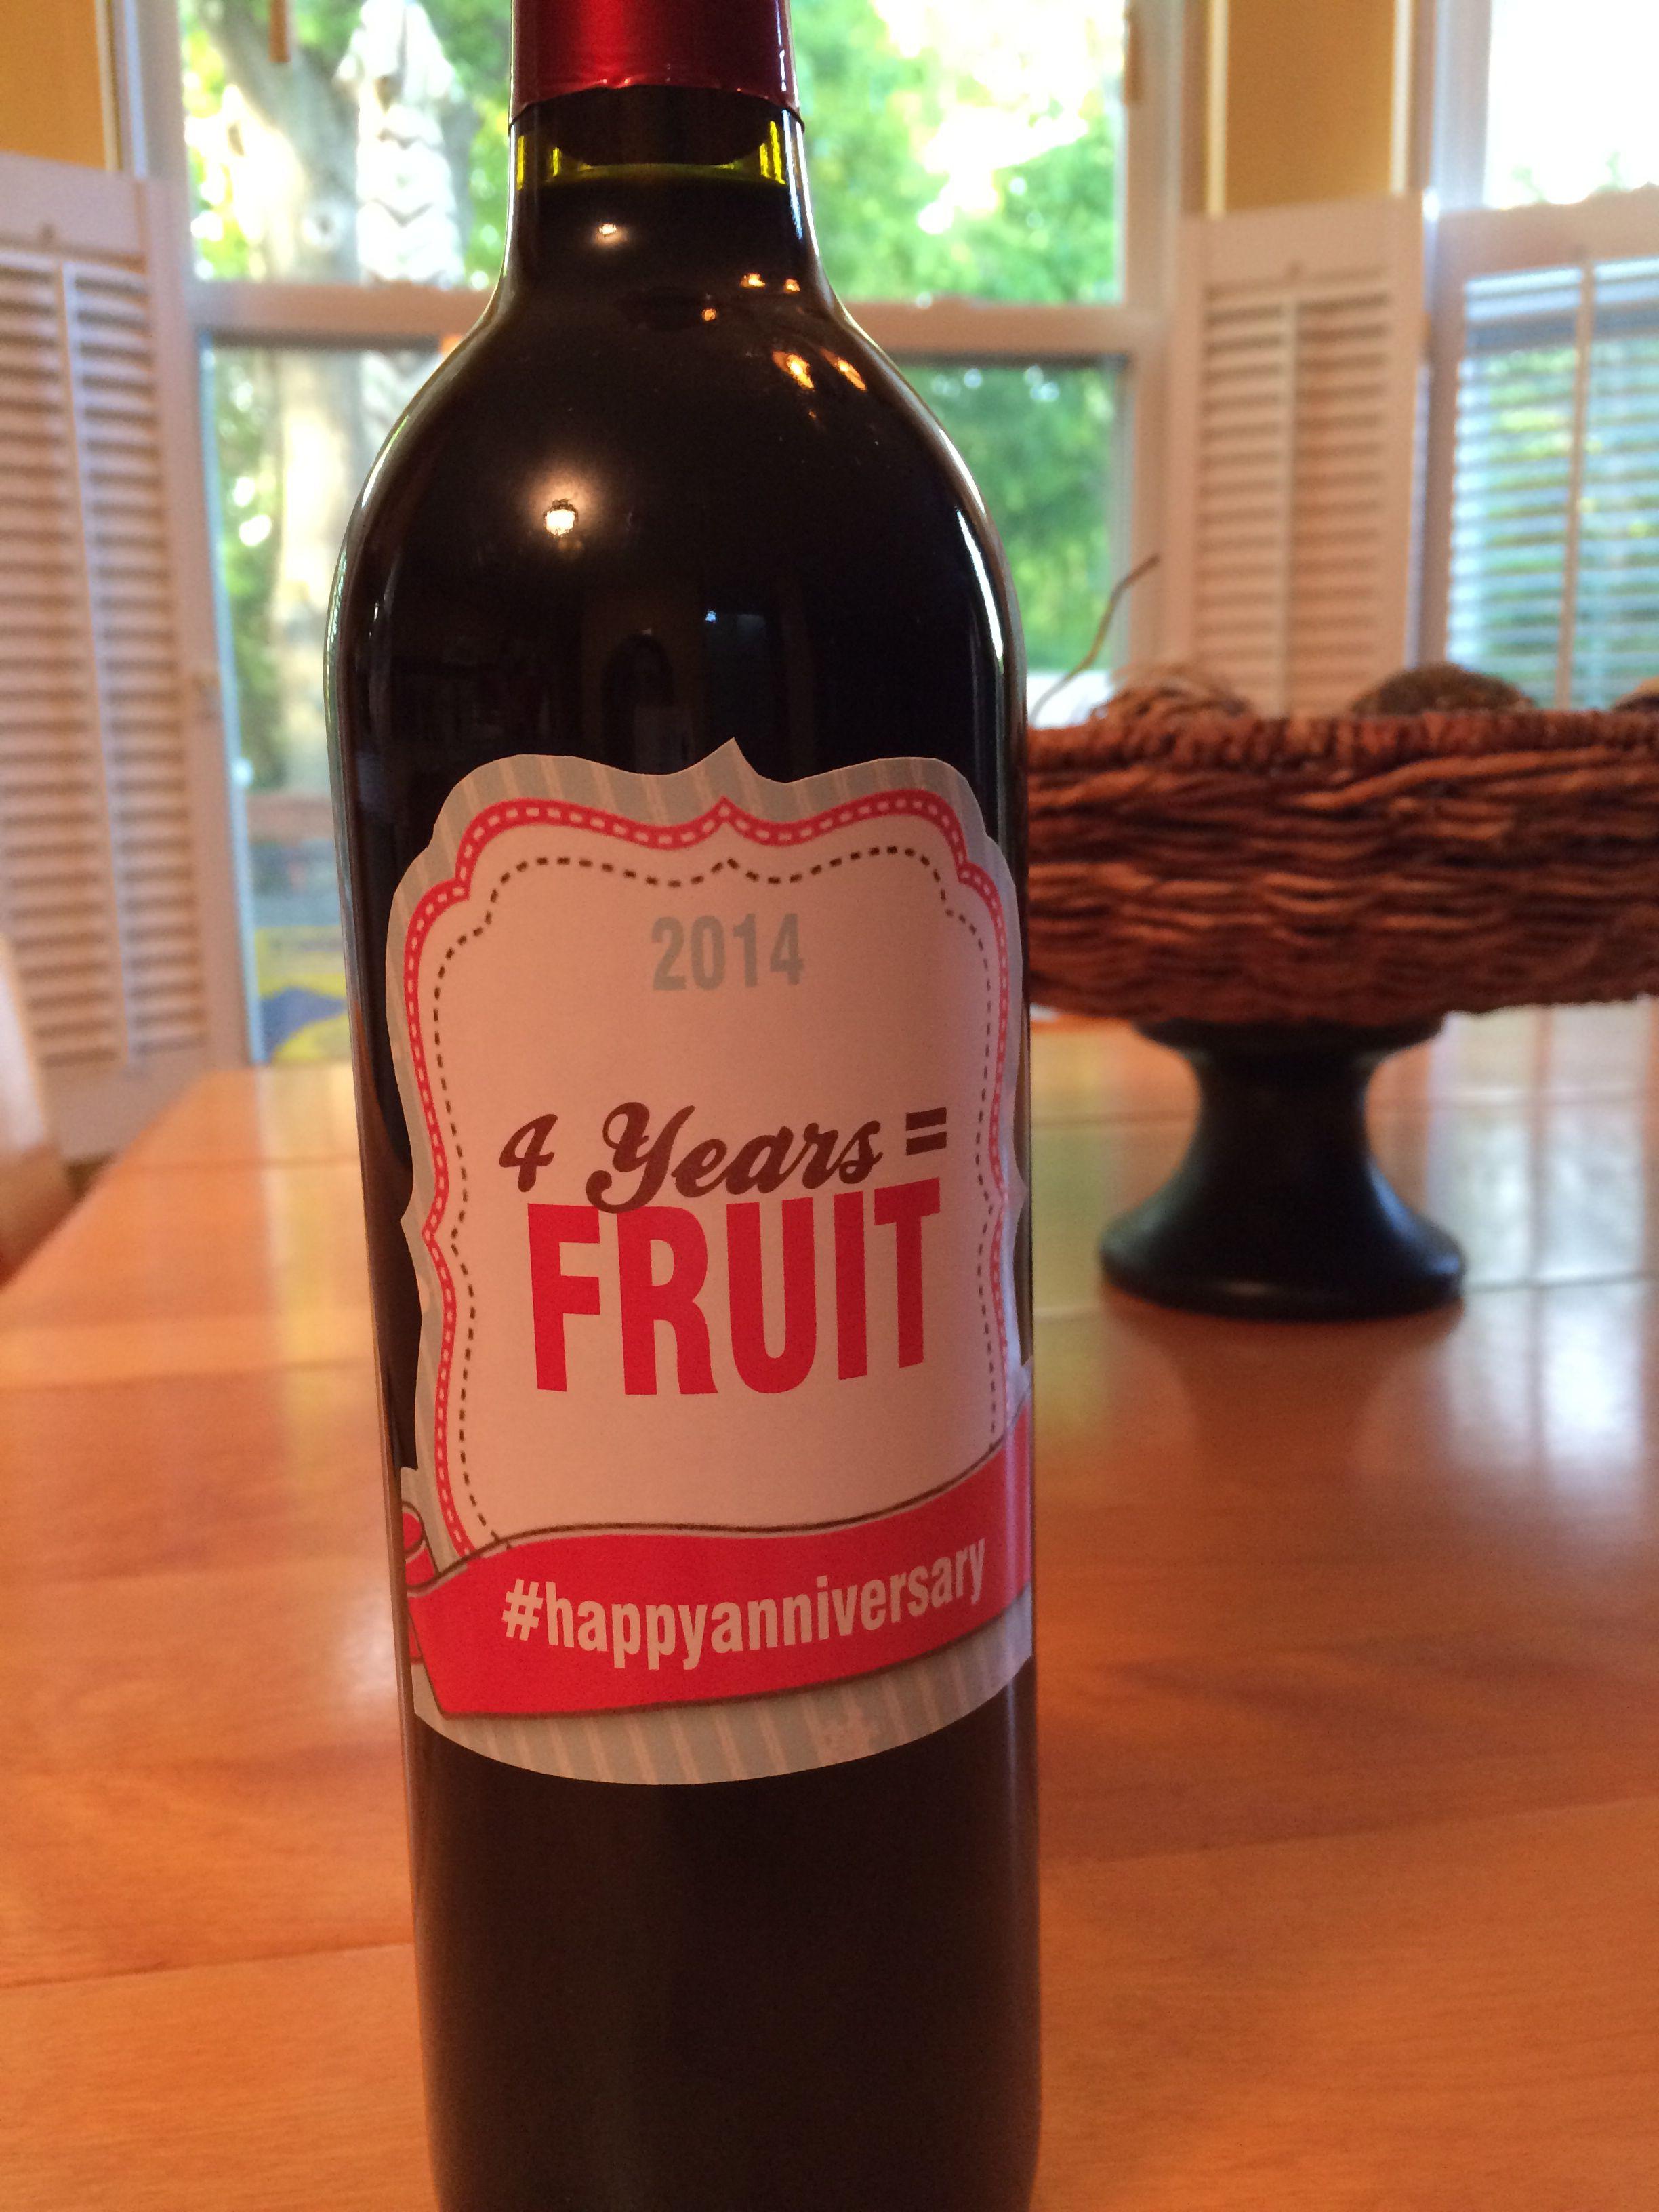 4th year anniversary gift wine (fruit) Boda